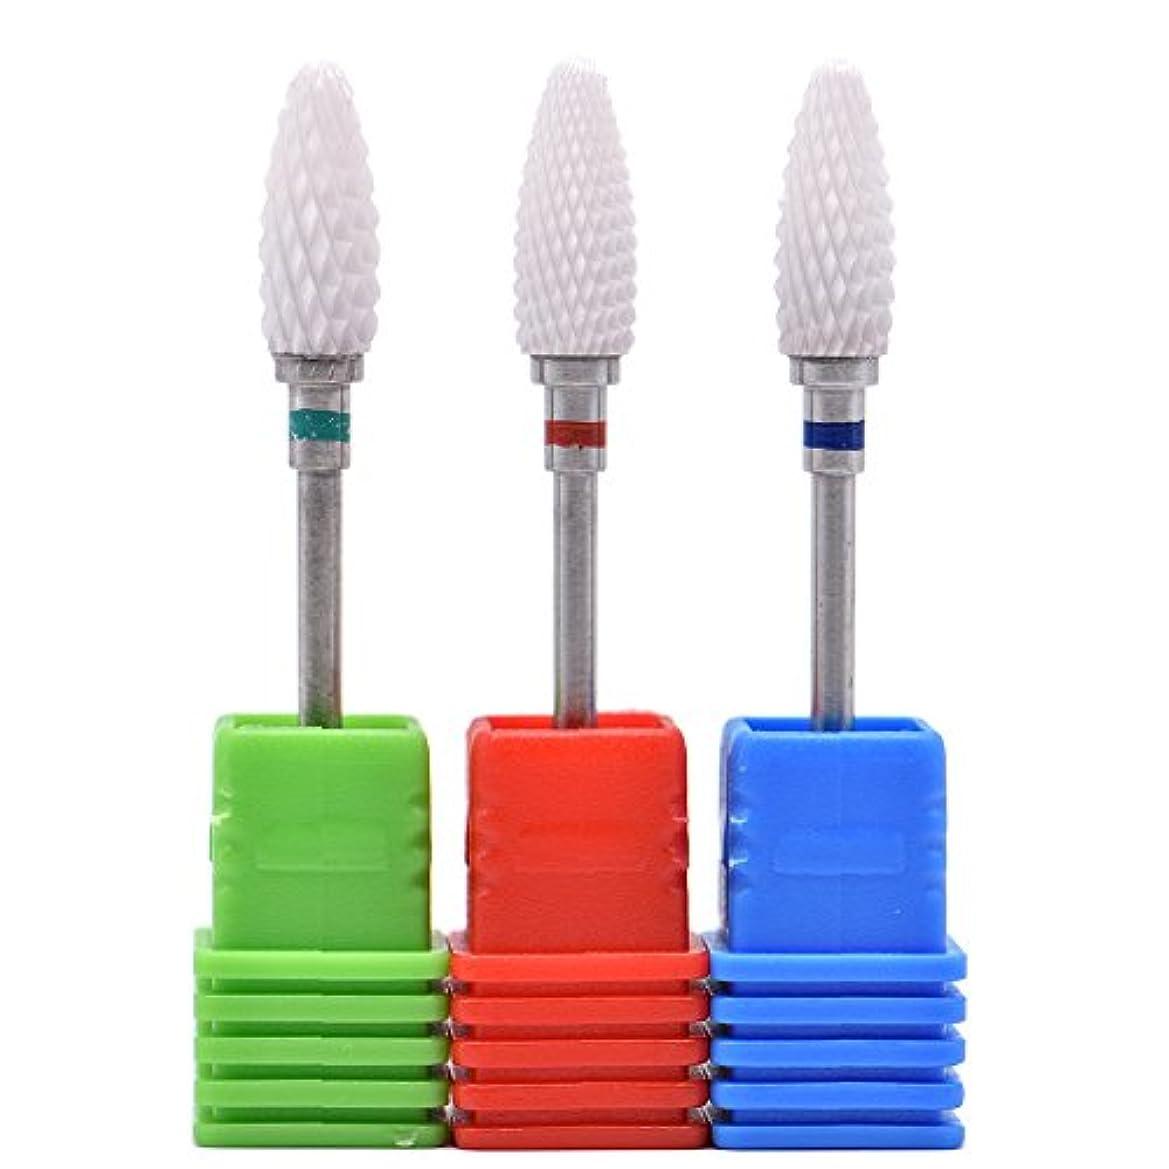 巨大な価値ヒュームOral Dentistry ネイルアート ドリルビット 長い 研磨ヘッド ネイル グラインド ヘッド 爪 磨き 研磨 研削 セラミック 全3色 (レッドF(微研削)+グリーンC(粗研削)+ブルーM(中仕上げ))